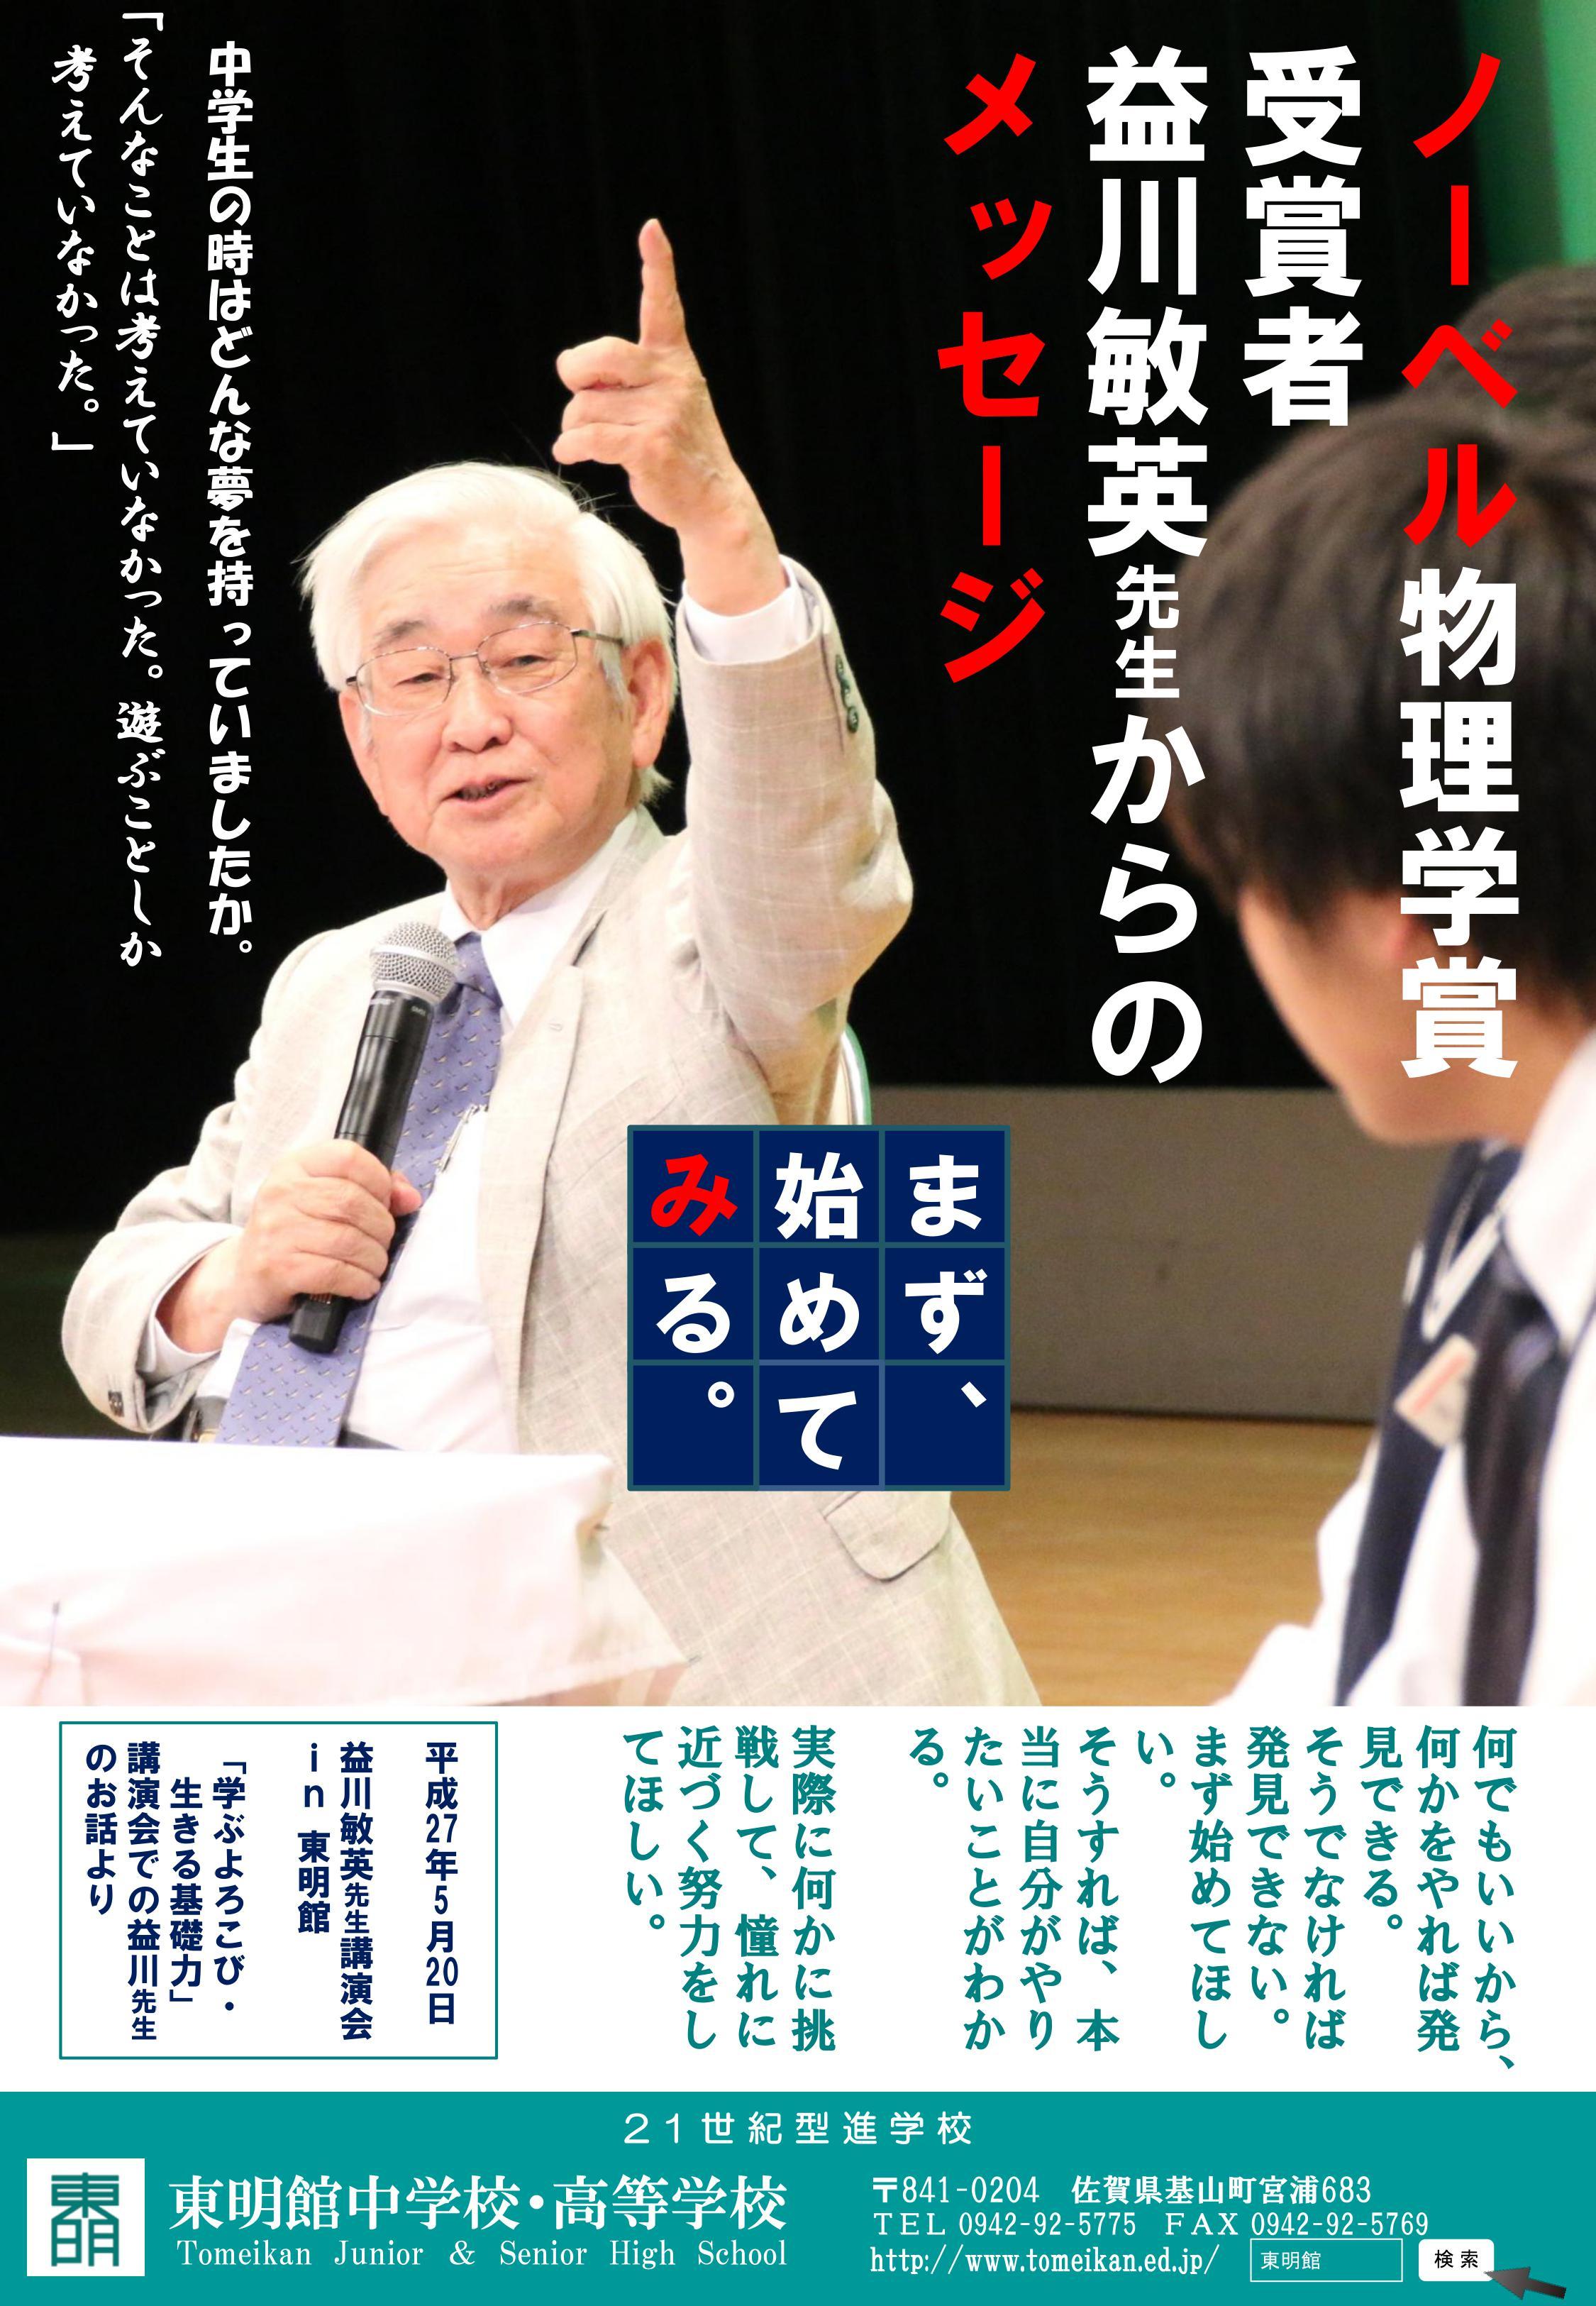 益川敏英教授